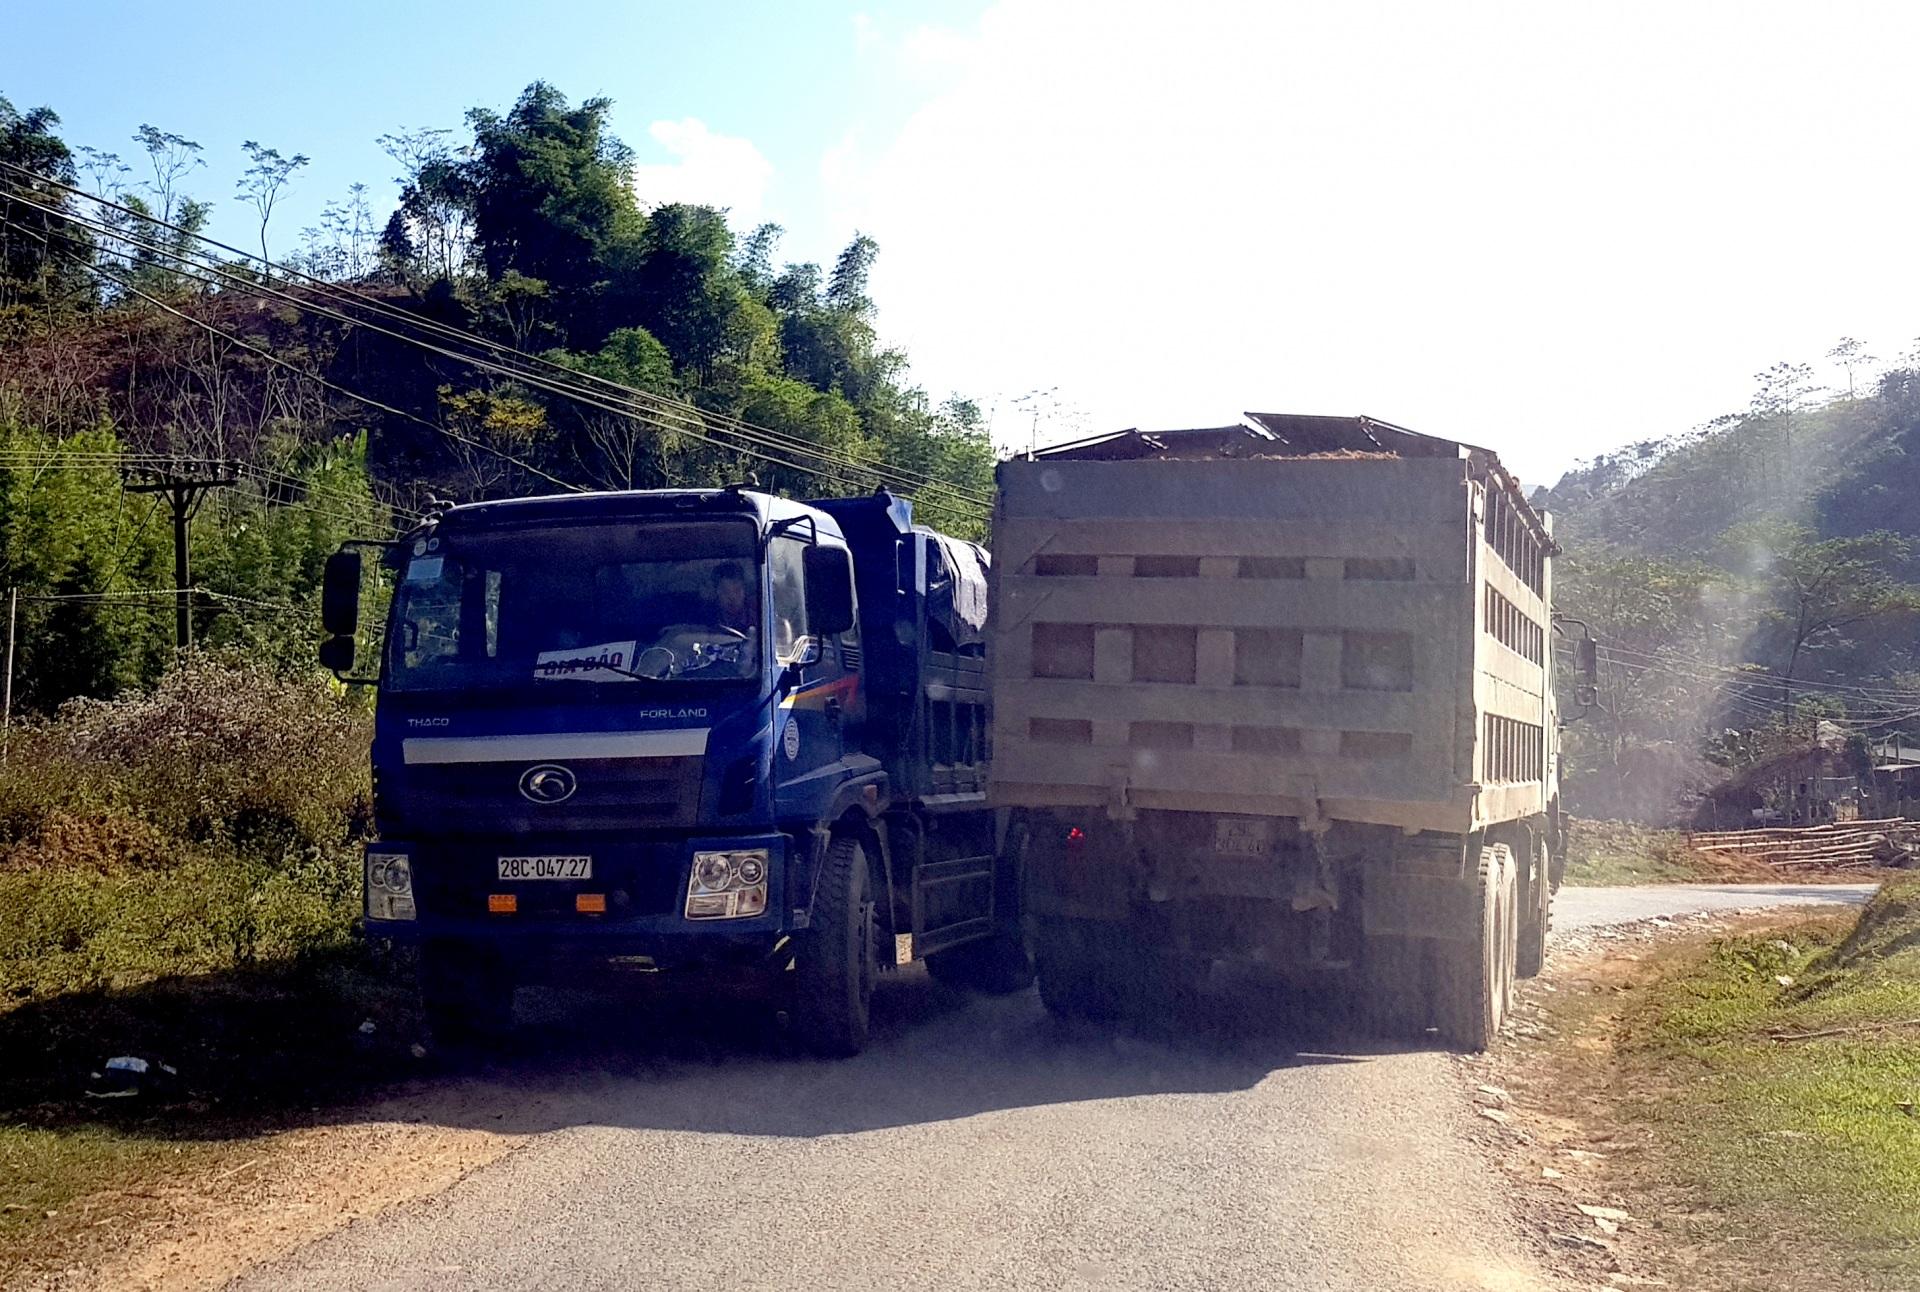 Một số vấn đề về công tác bảo vệ môi trường và chấp hành quy định pháp luật trong hoạt động khai thác khoáng sản